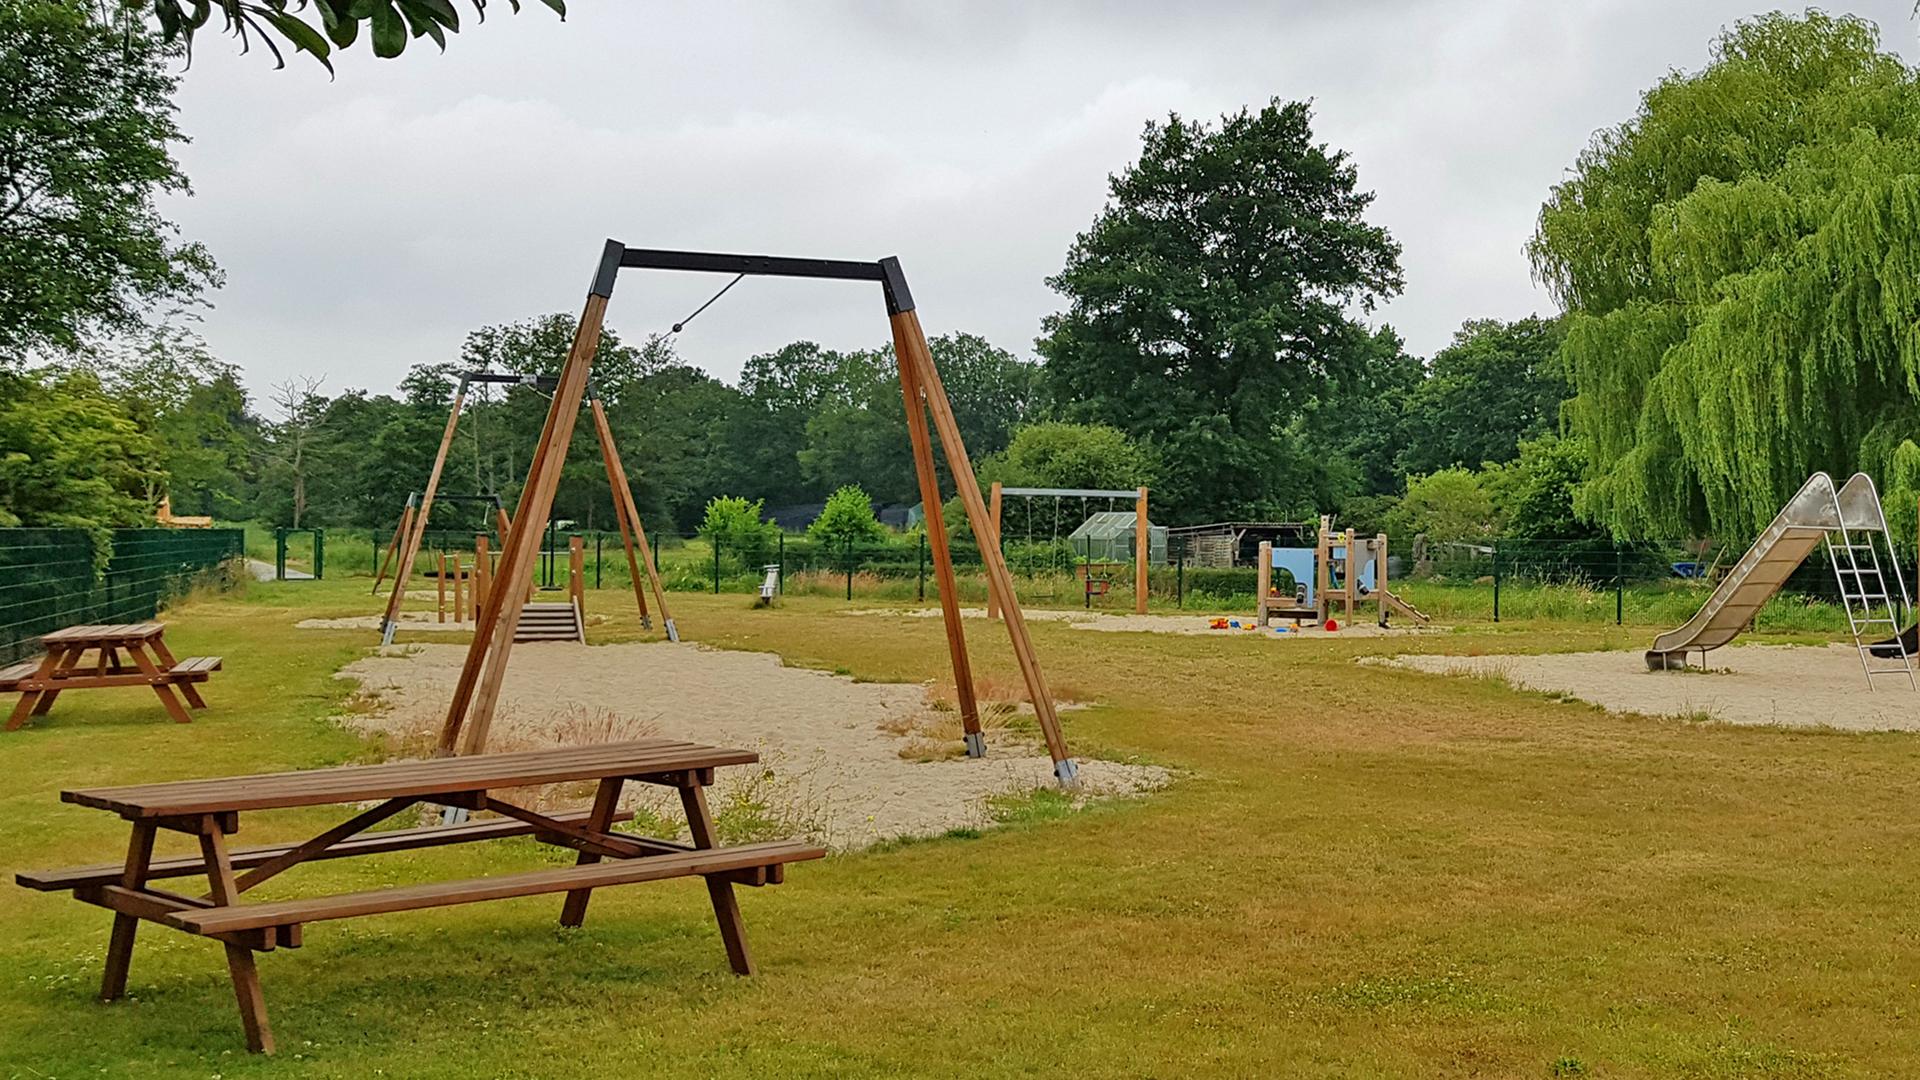 Rast auf dem Spielplatz in Mulmshorn